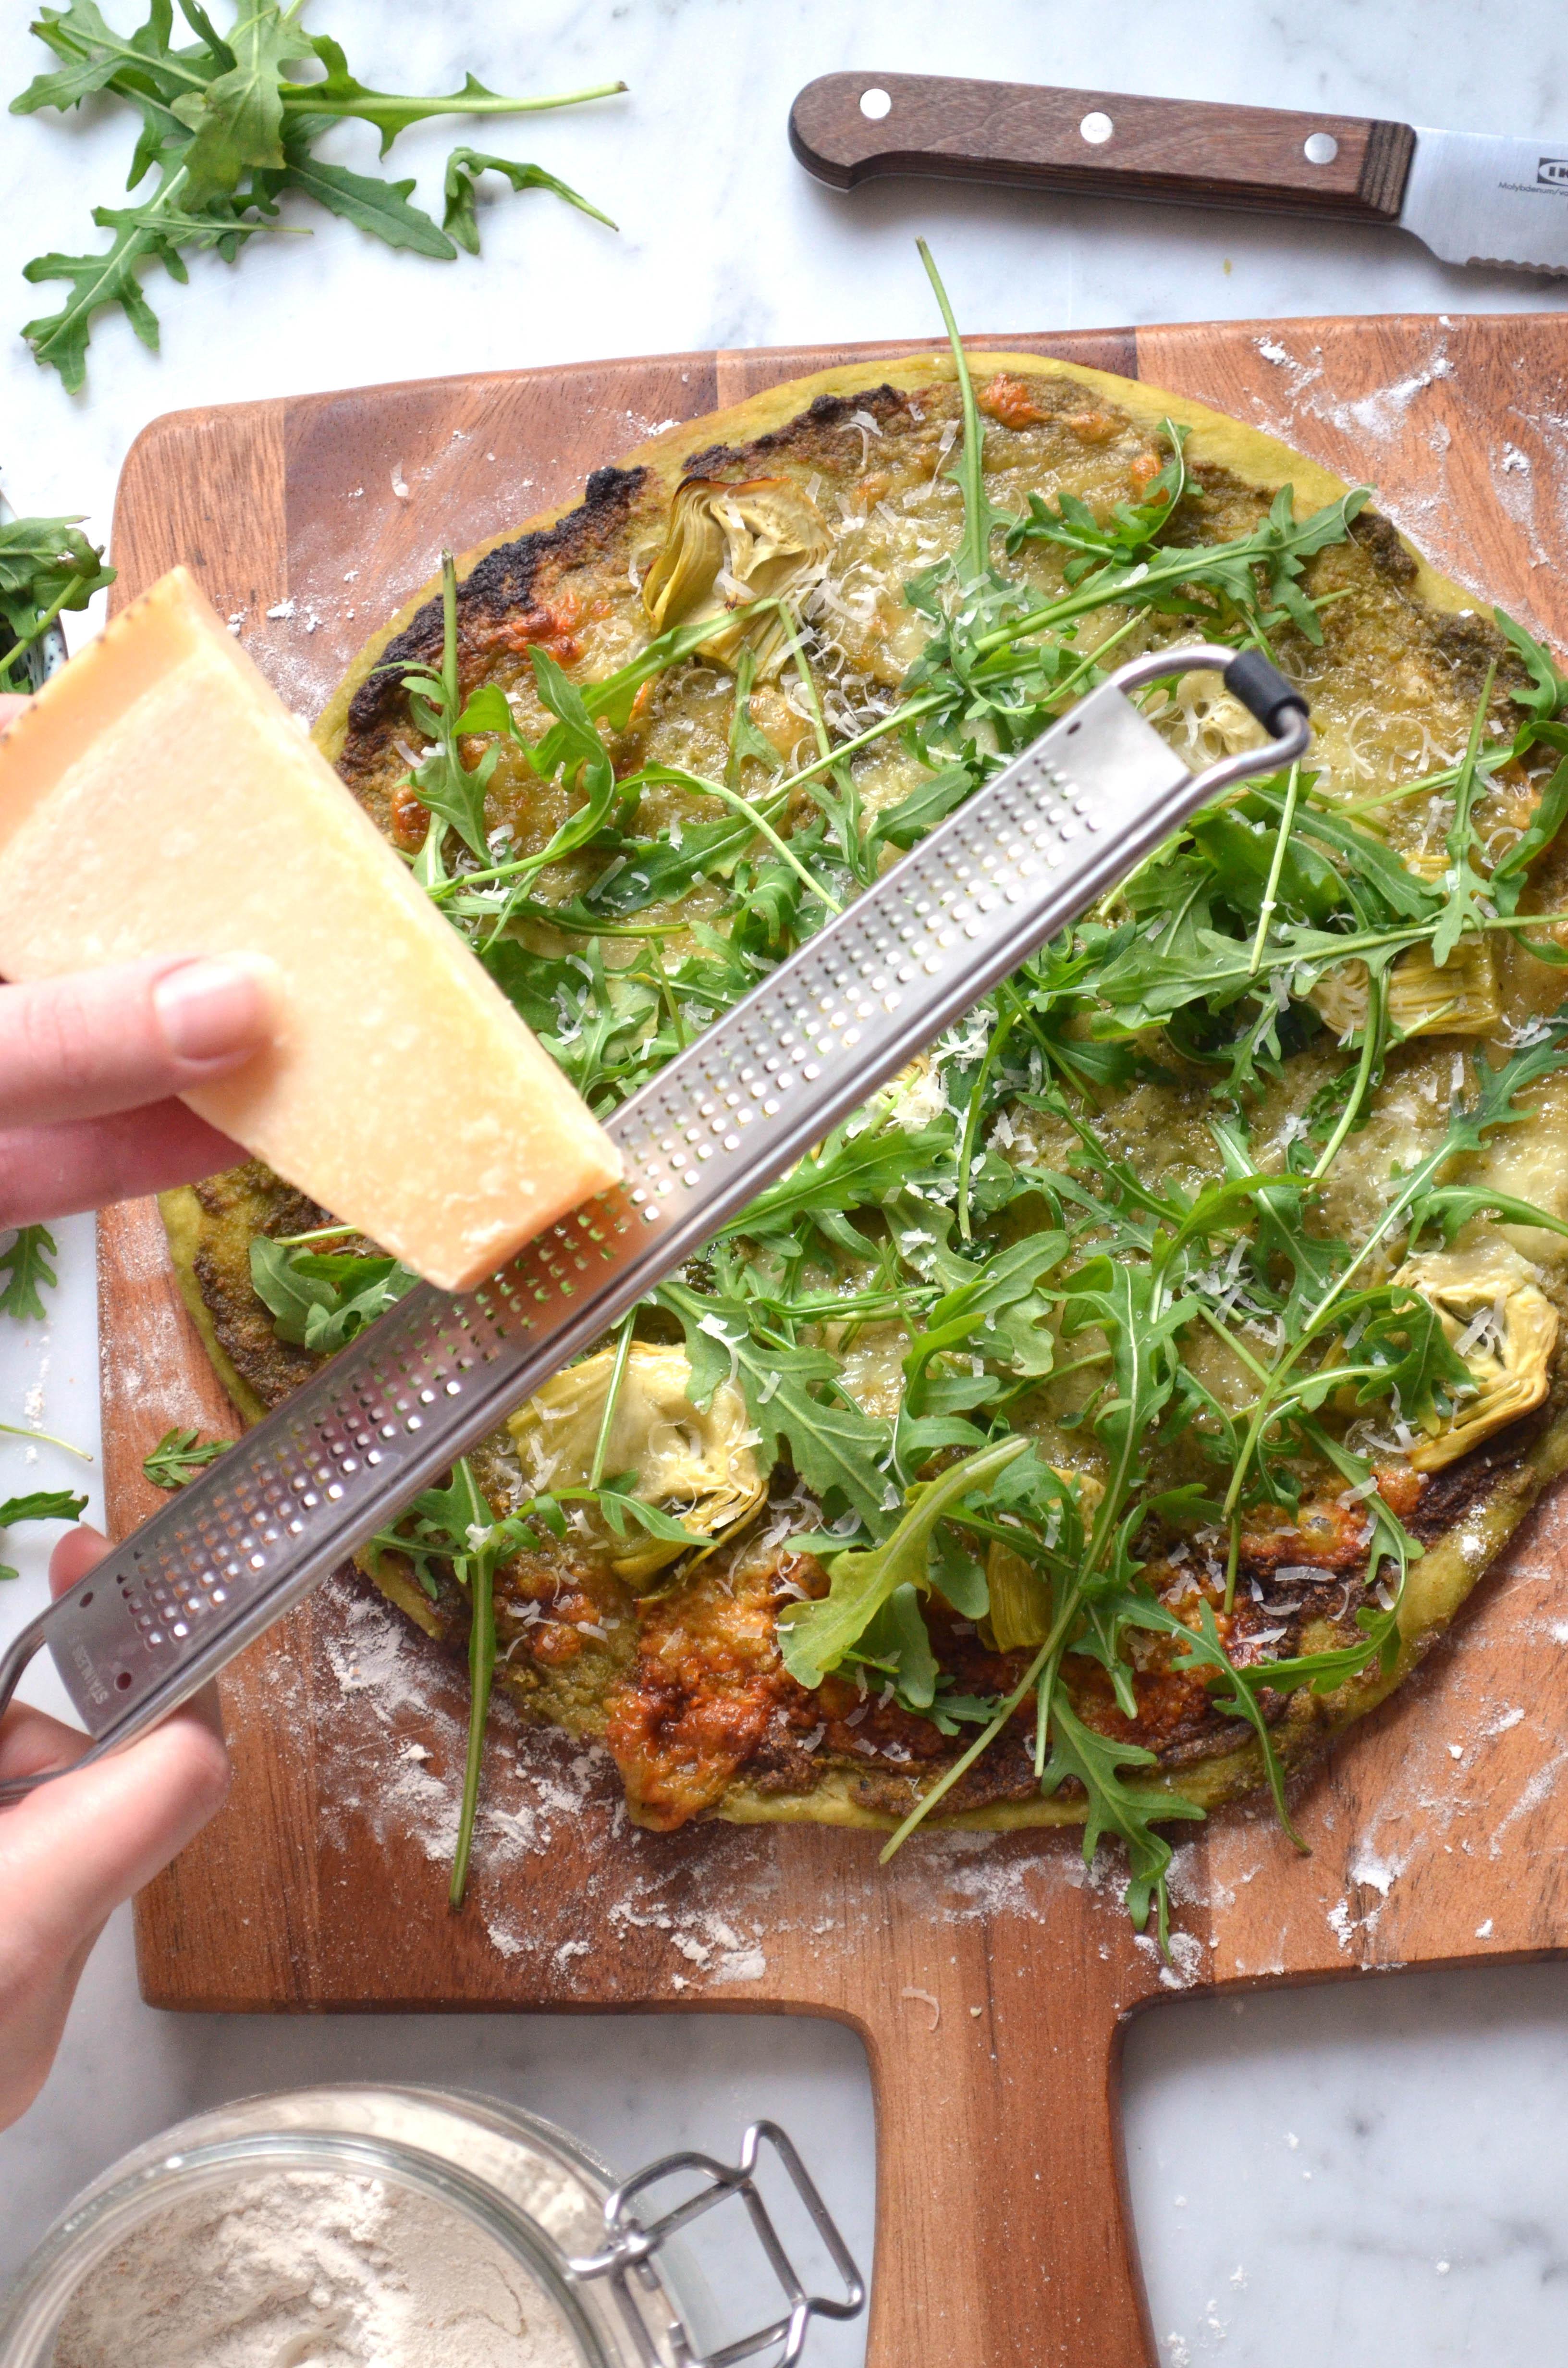 Recipe for homemade pizza dough and pizza verde with pesto, arugula, artichokes, mozzarella and parmesan cheese.